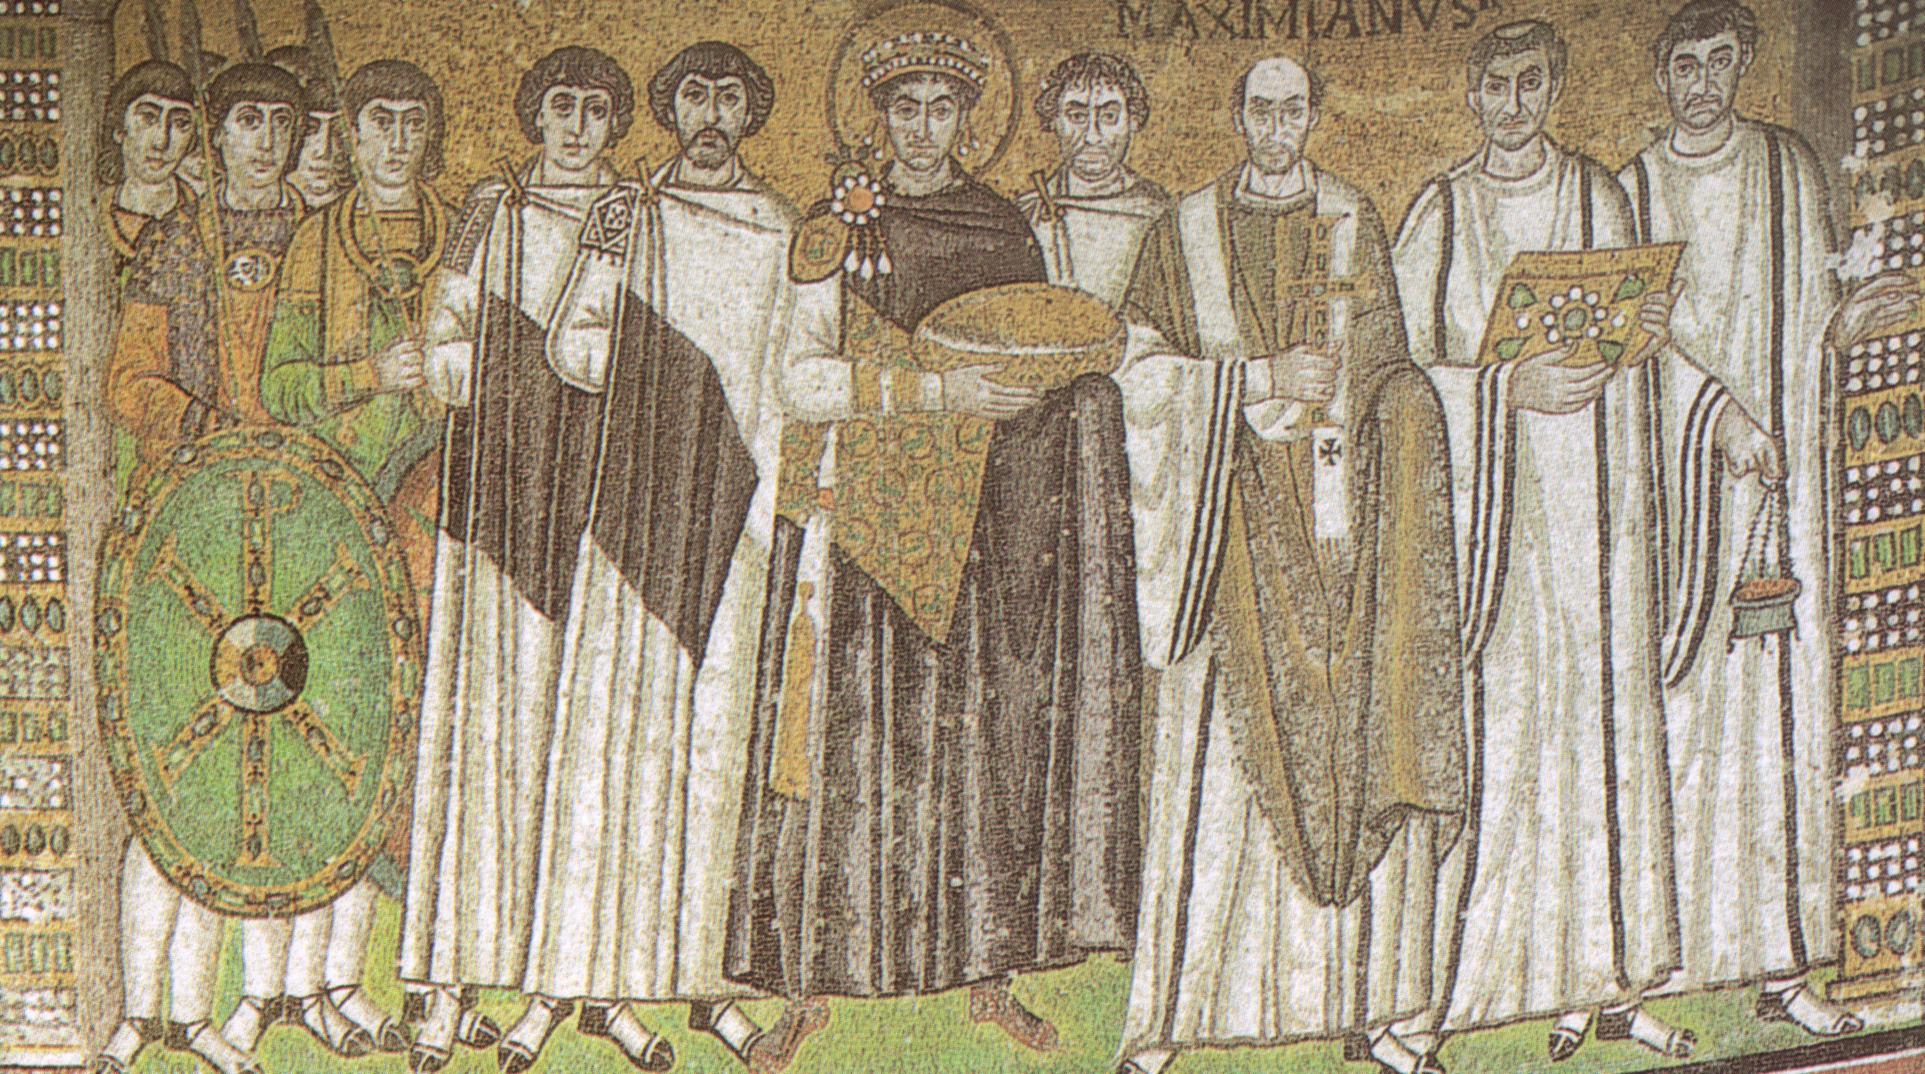 c18c0825a6fc6 Il mosaico nella Basilica di San Vitale raffigurante Giustiniano ed il suo  seguito